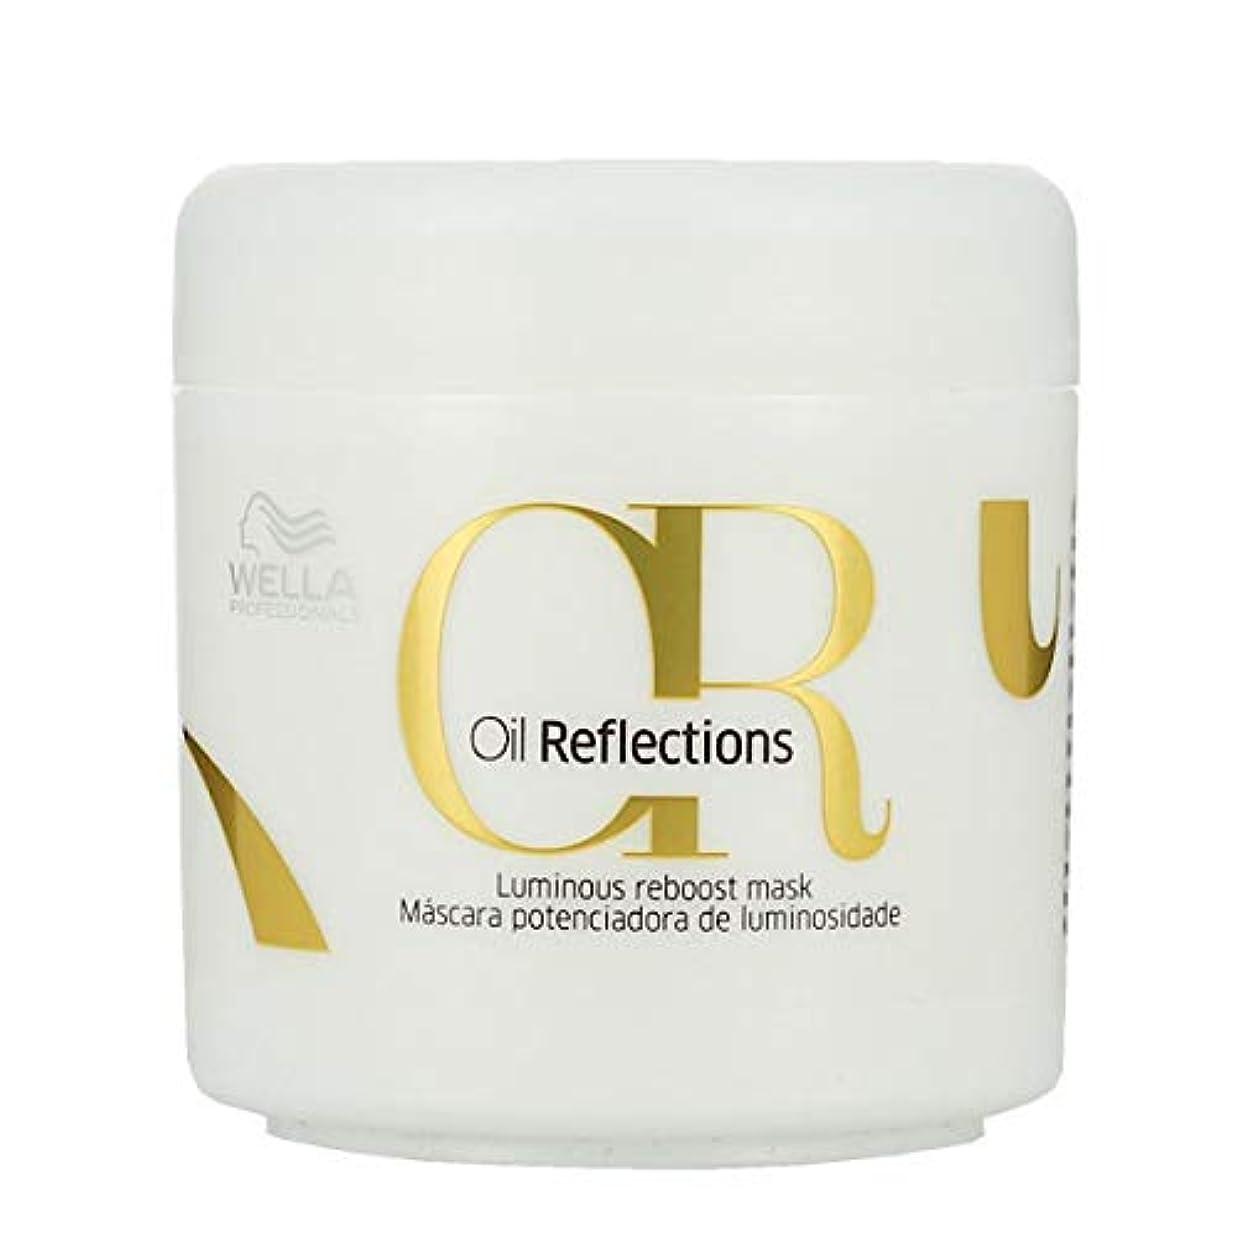 たまに死にかけている日焼けWella Professionals Oil Reflections Luminous Reboost Mask ウエラ オイルリフレクション マスク 150 ml [並行輸入品]